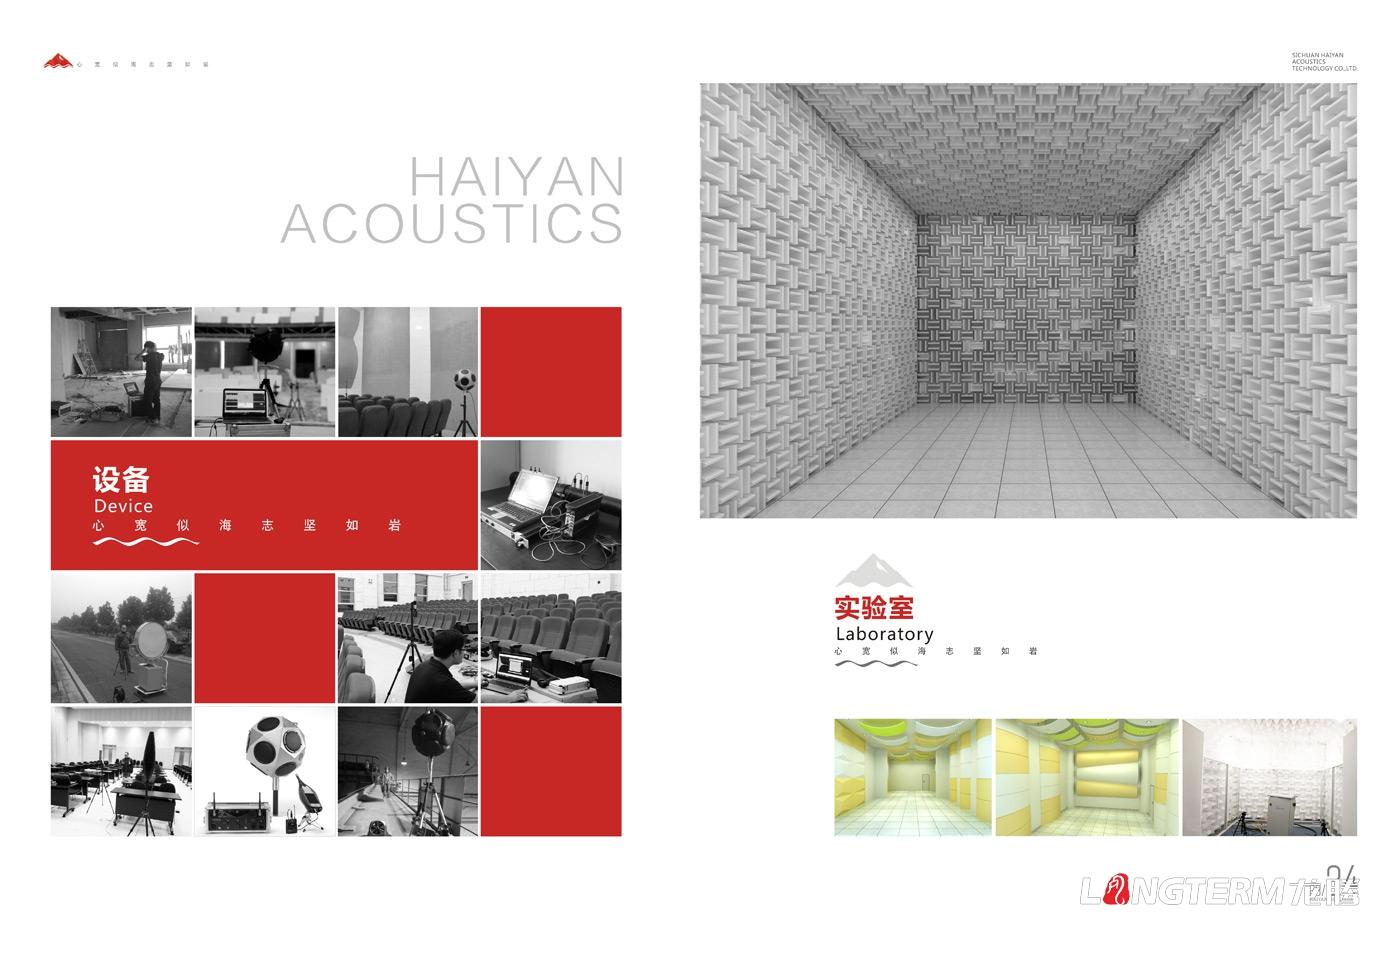 海岩声学科技公司画册设计_四川海岩声学科技有限公司形象宣传册设计